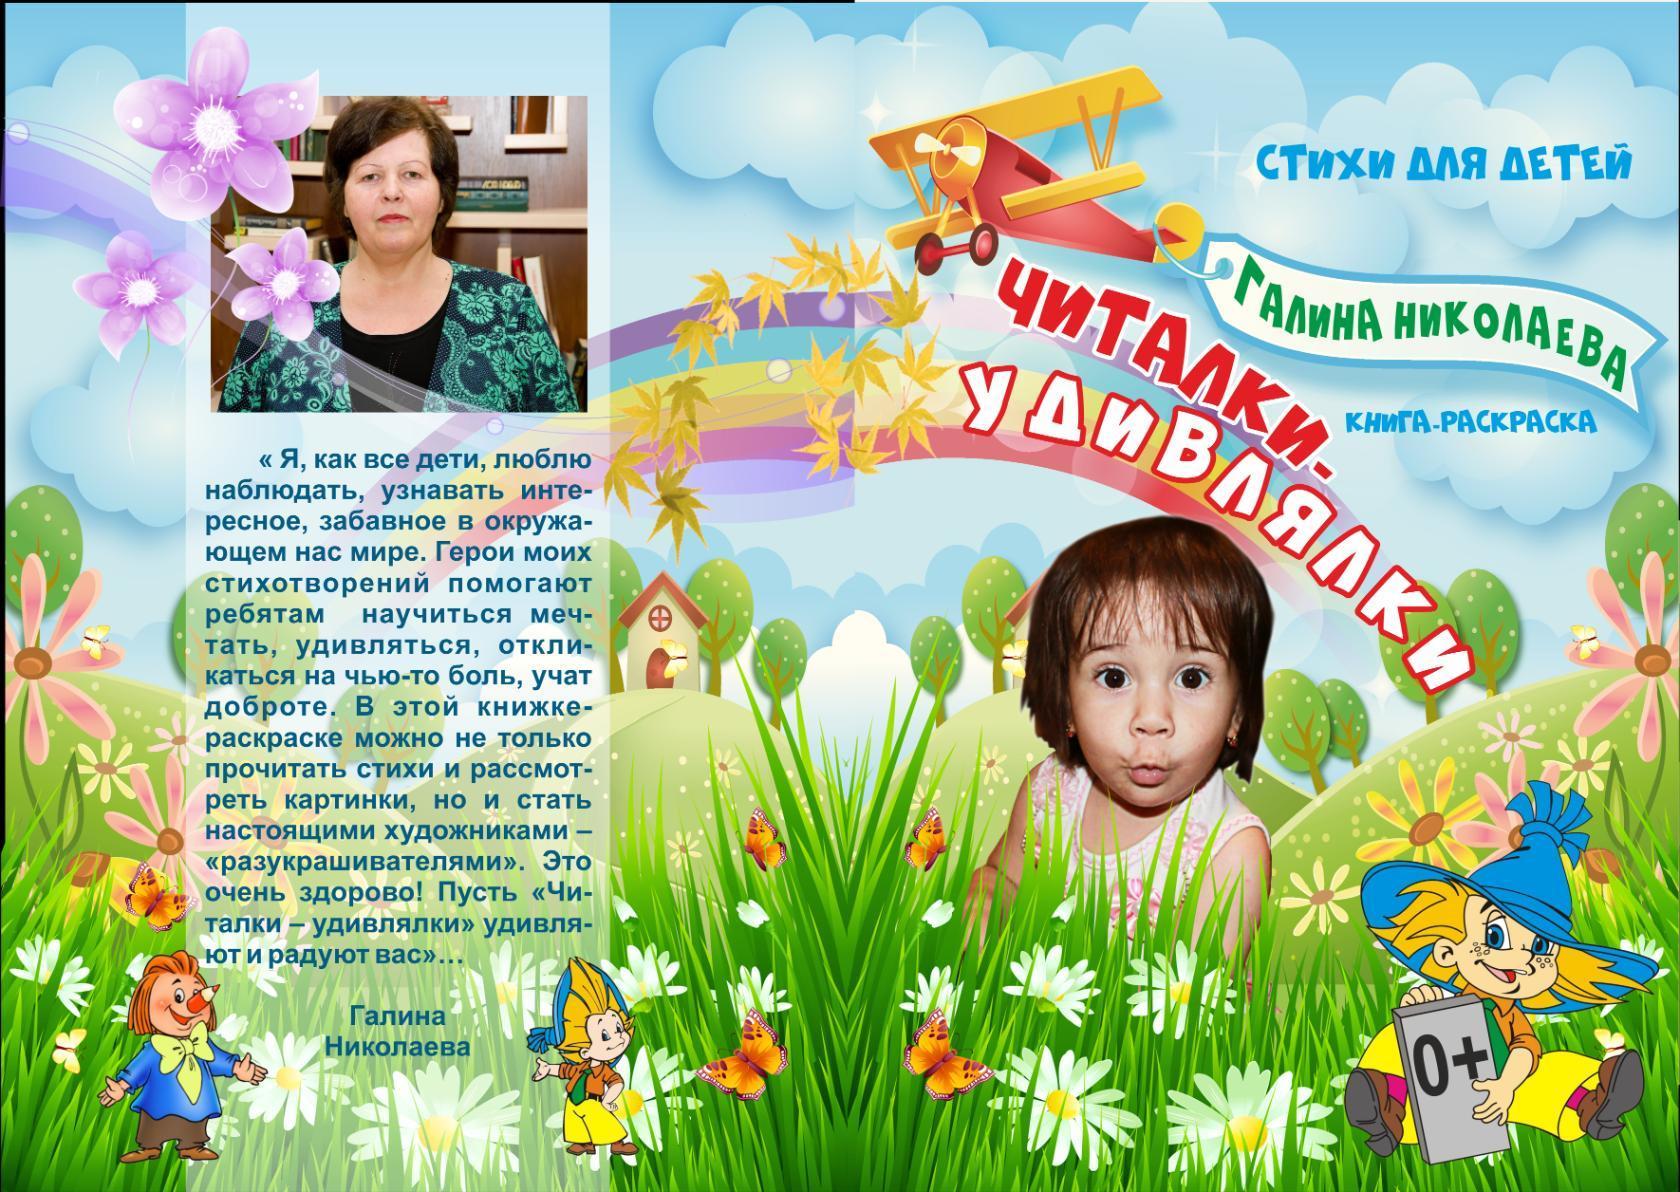 обложка свёрстанной книги